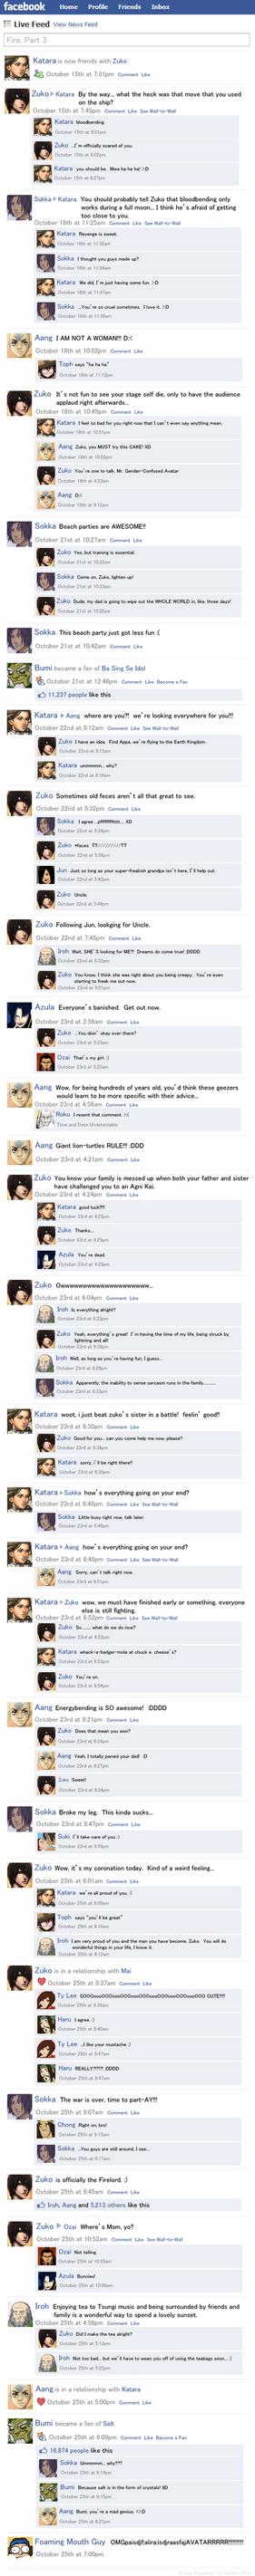 Avatar Facebook Fire Part 3 by Golden-Flute